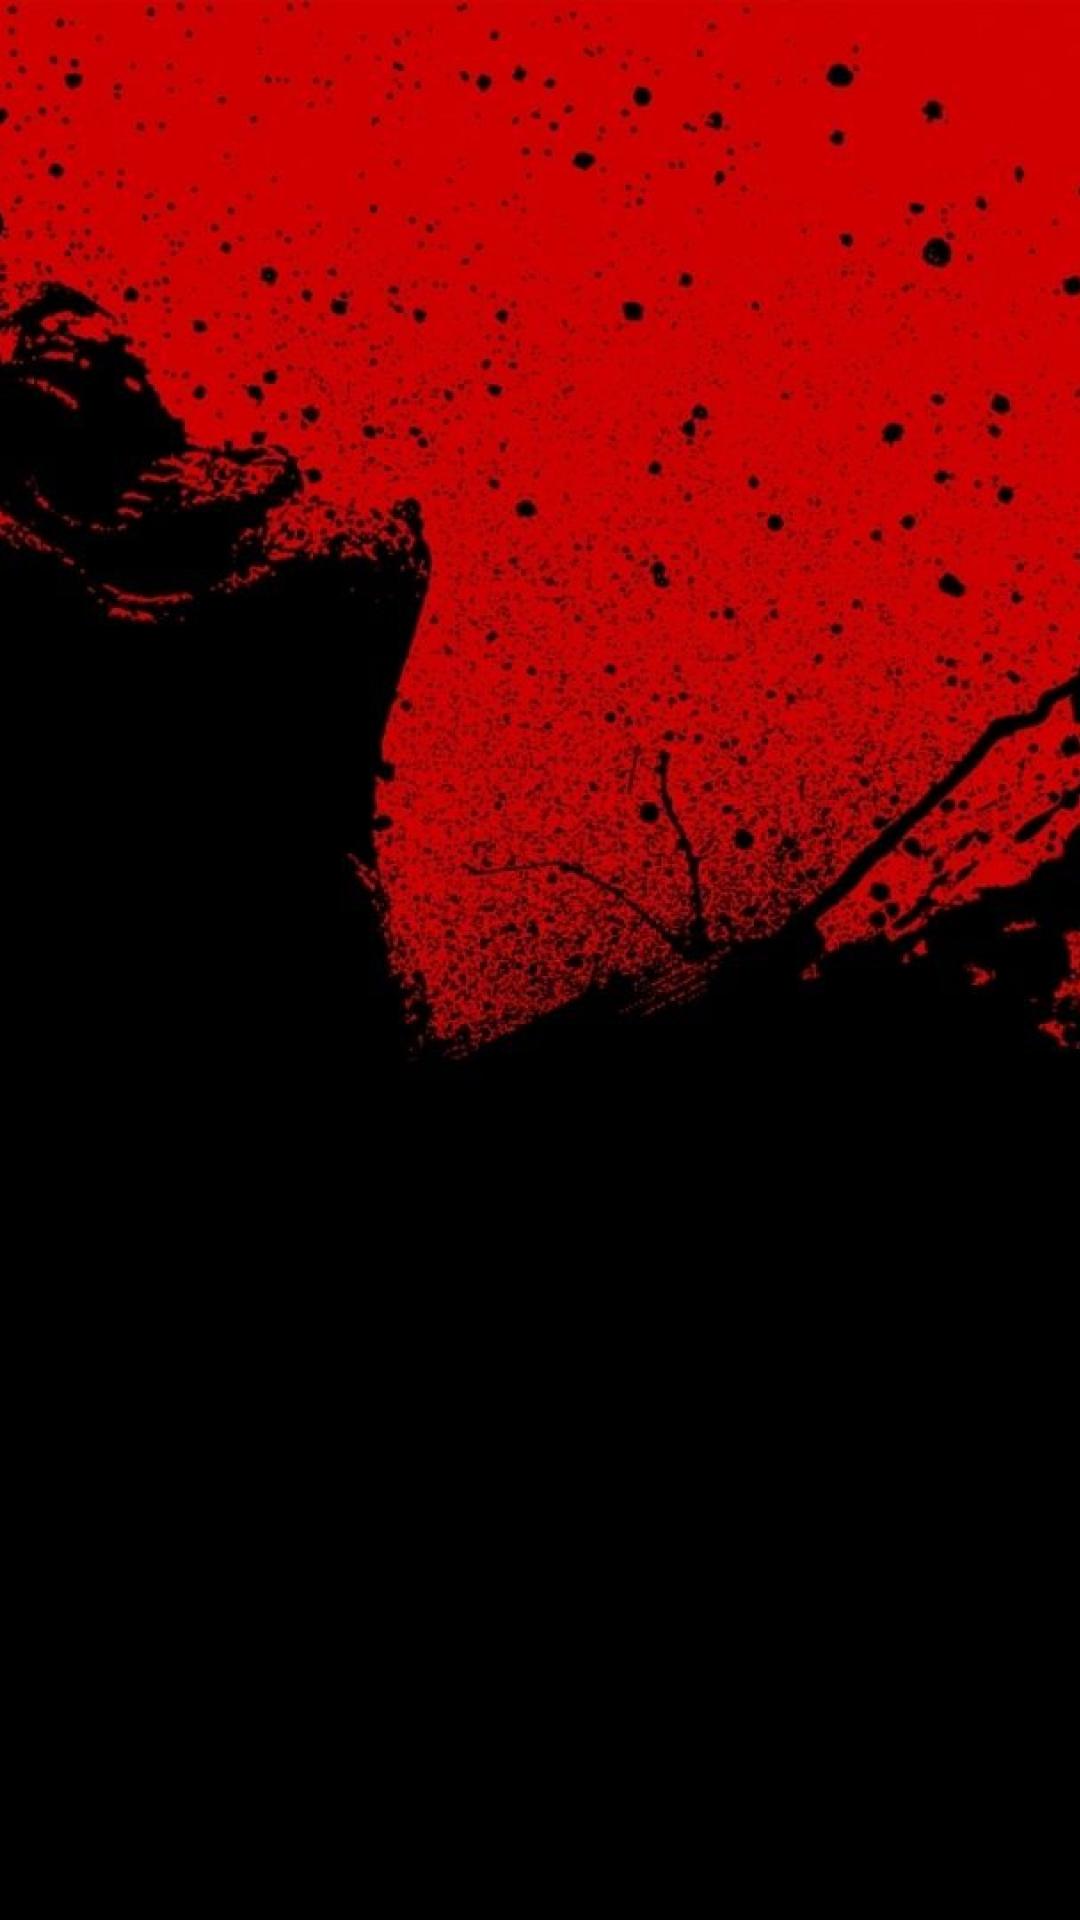 Free Download 30 Days Of Night Red Black Blood Wallpaper